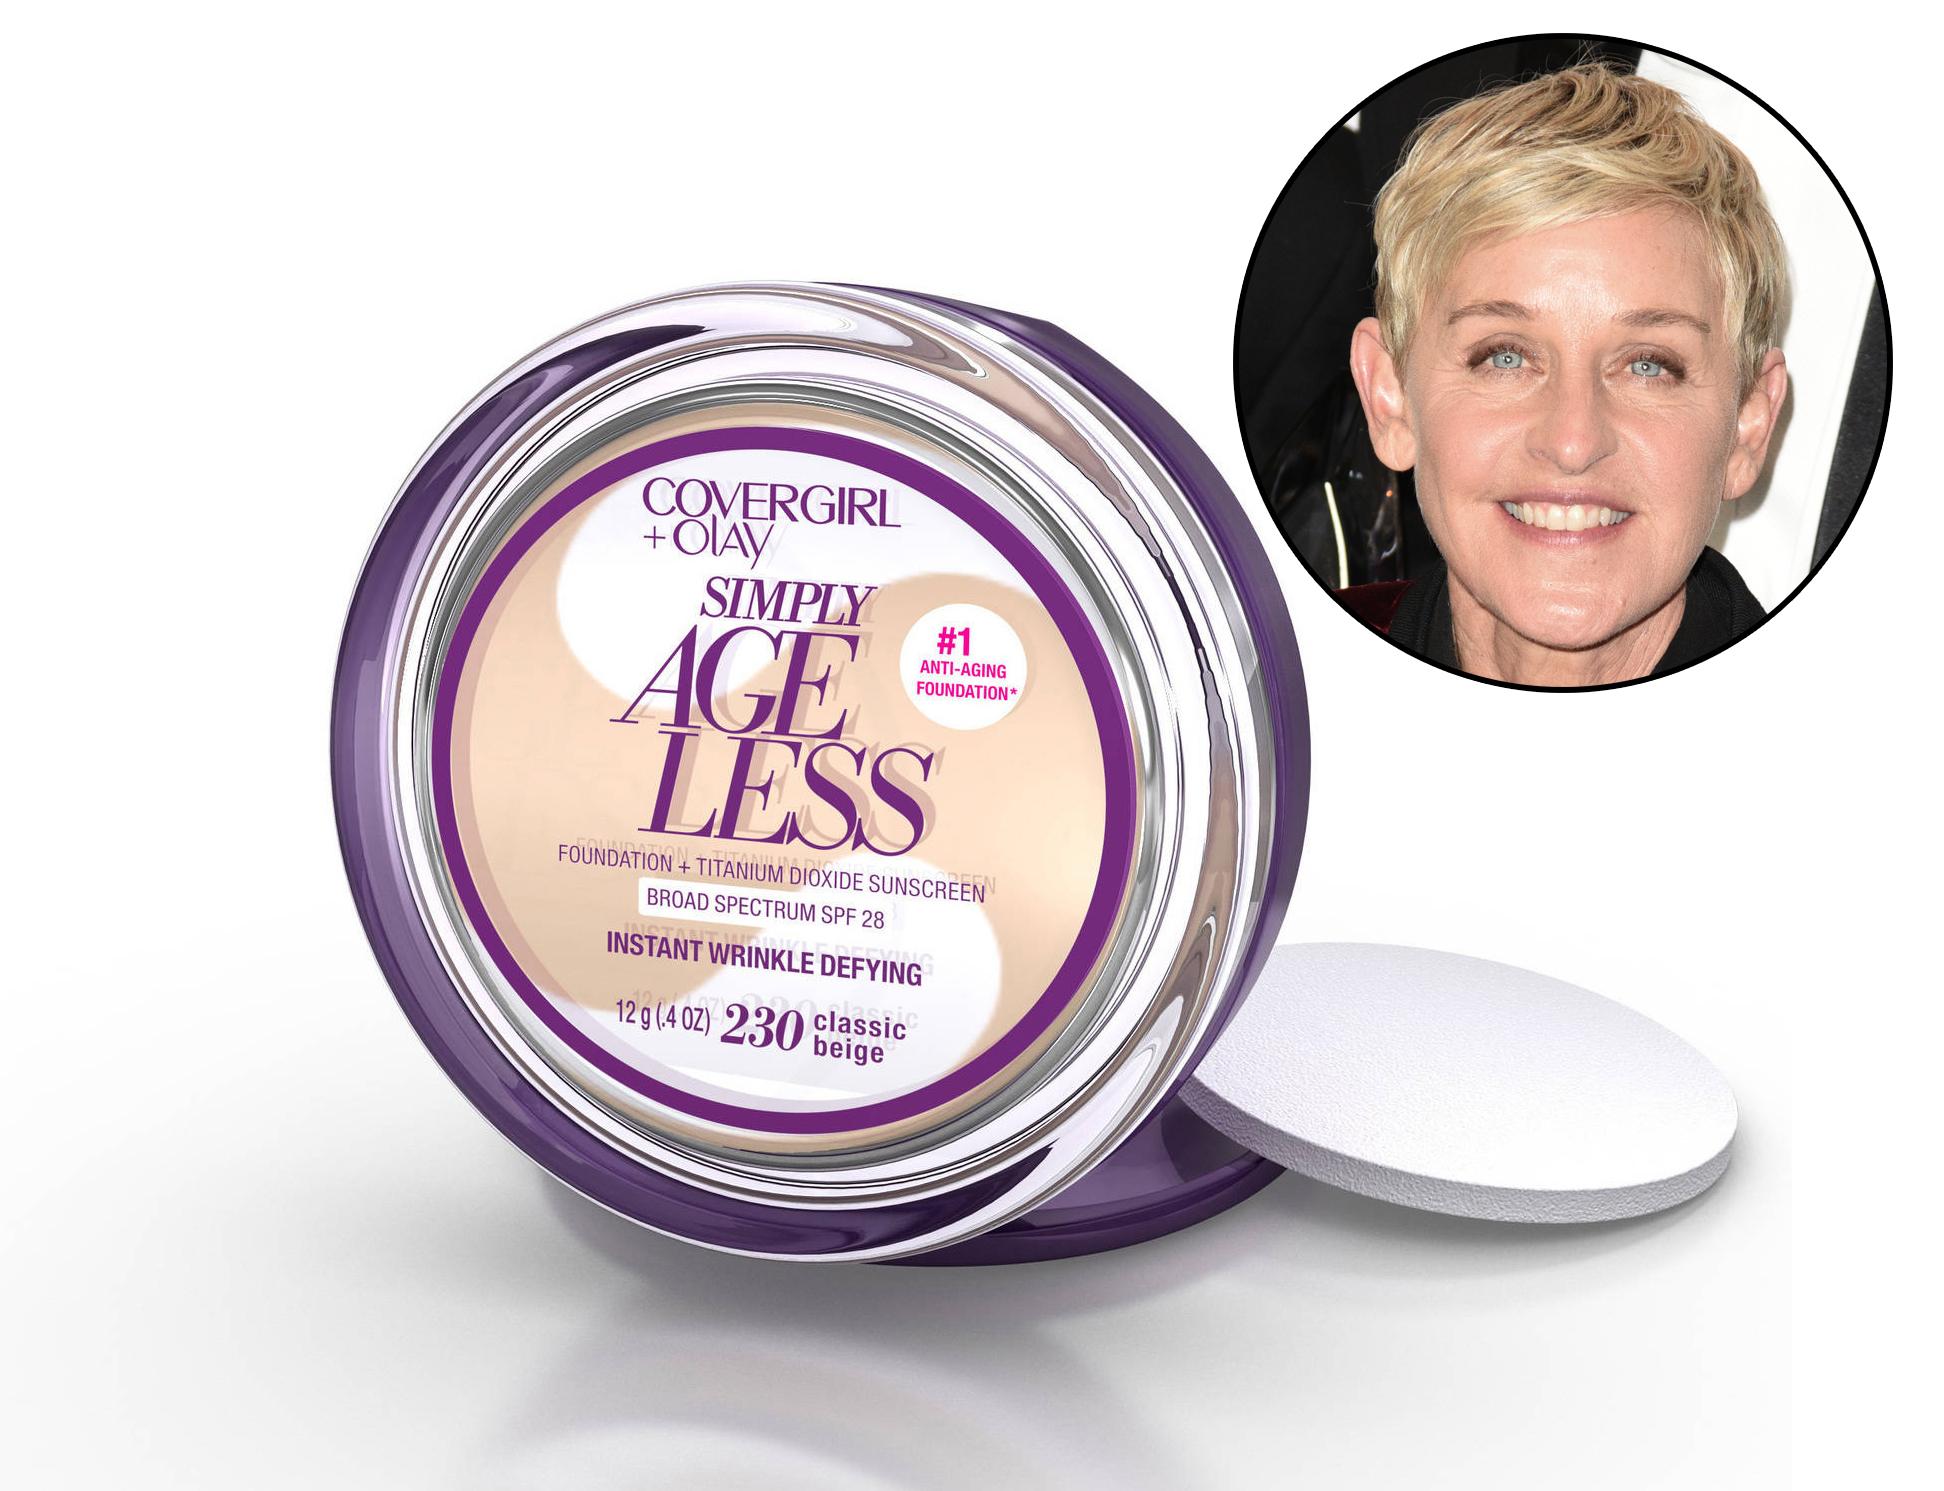 Ellen Ageless